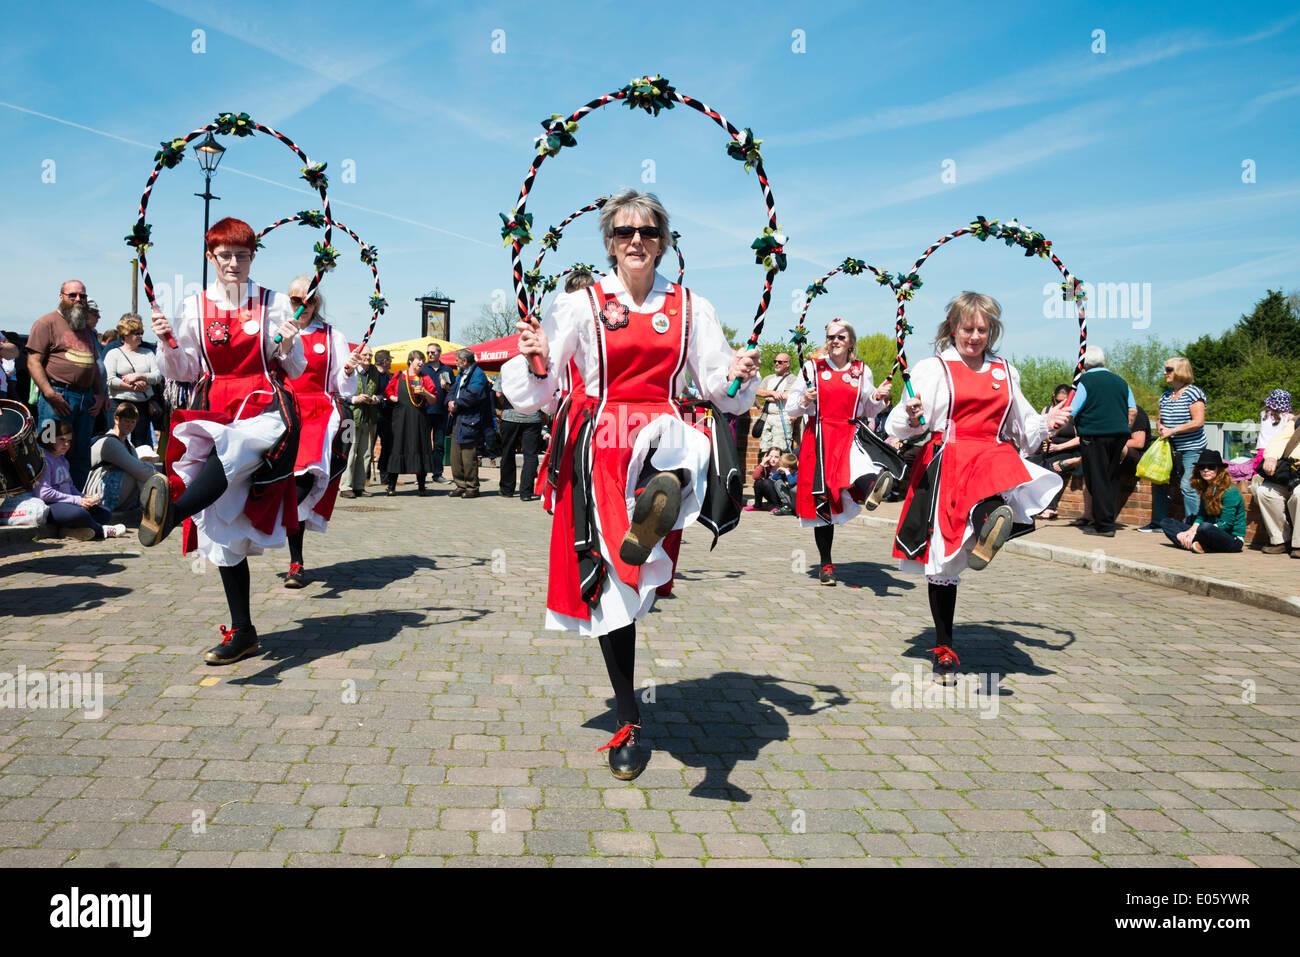 Upton sur Severn, Worcestershire, Royaume-Uni. 3 mai 2014 danseurs folkloriques divertir les gens sur une belle Photo Stock